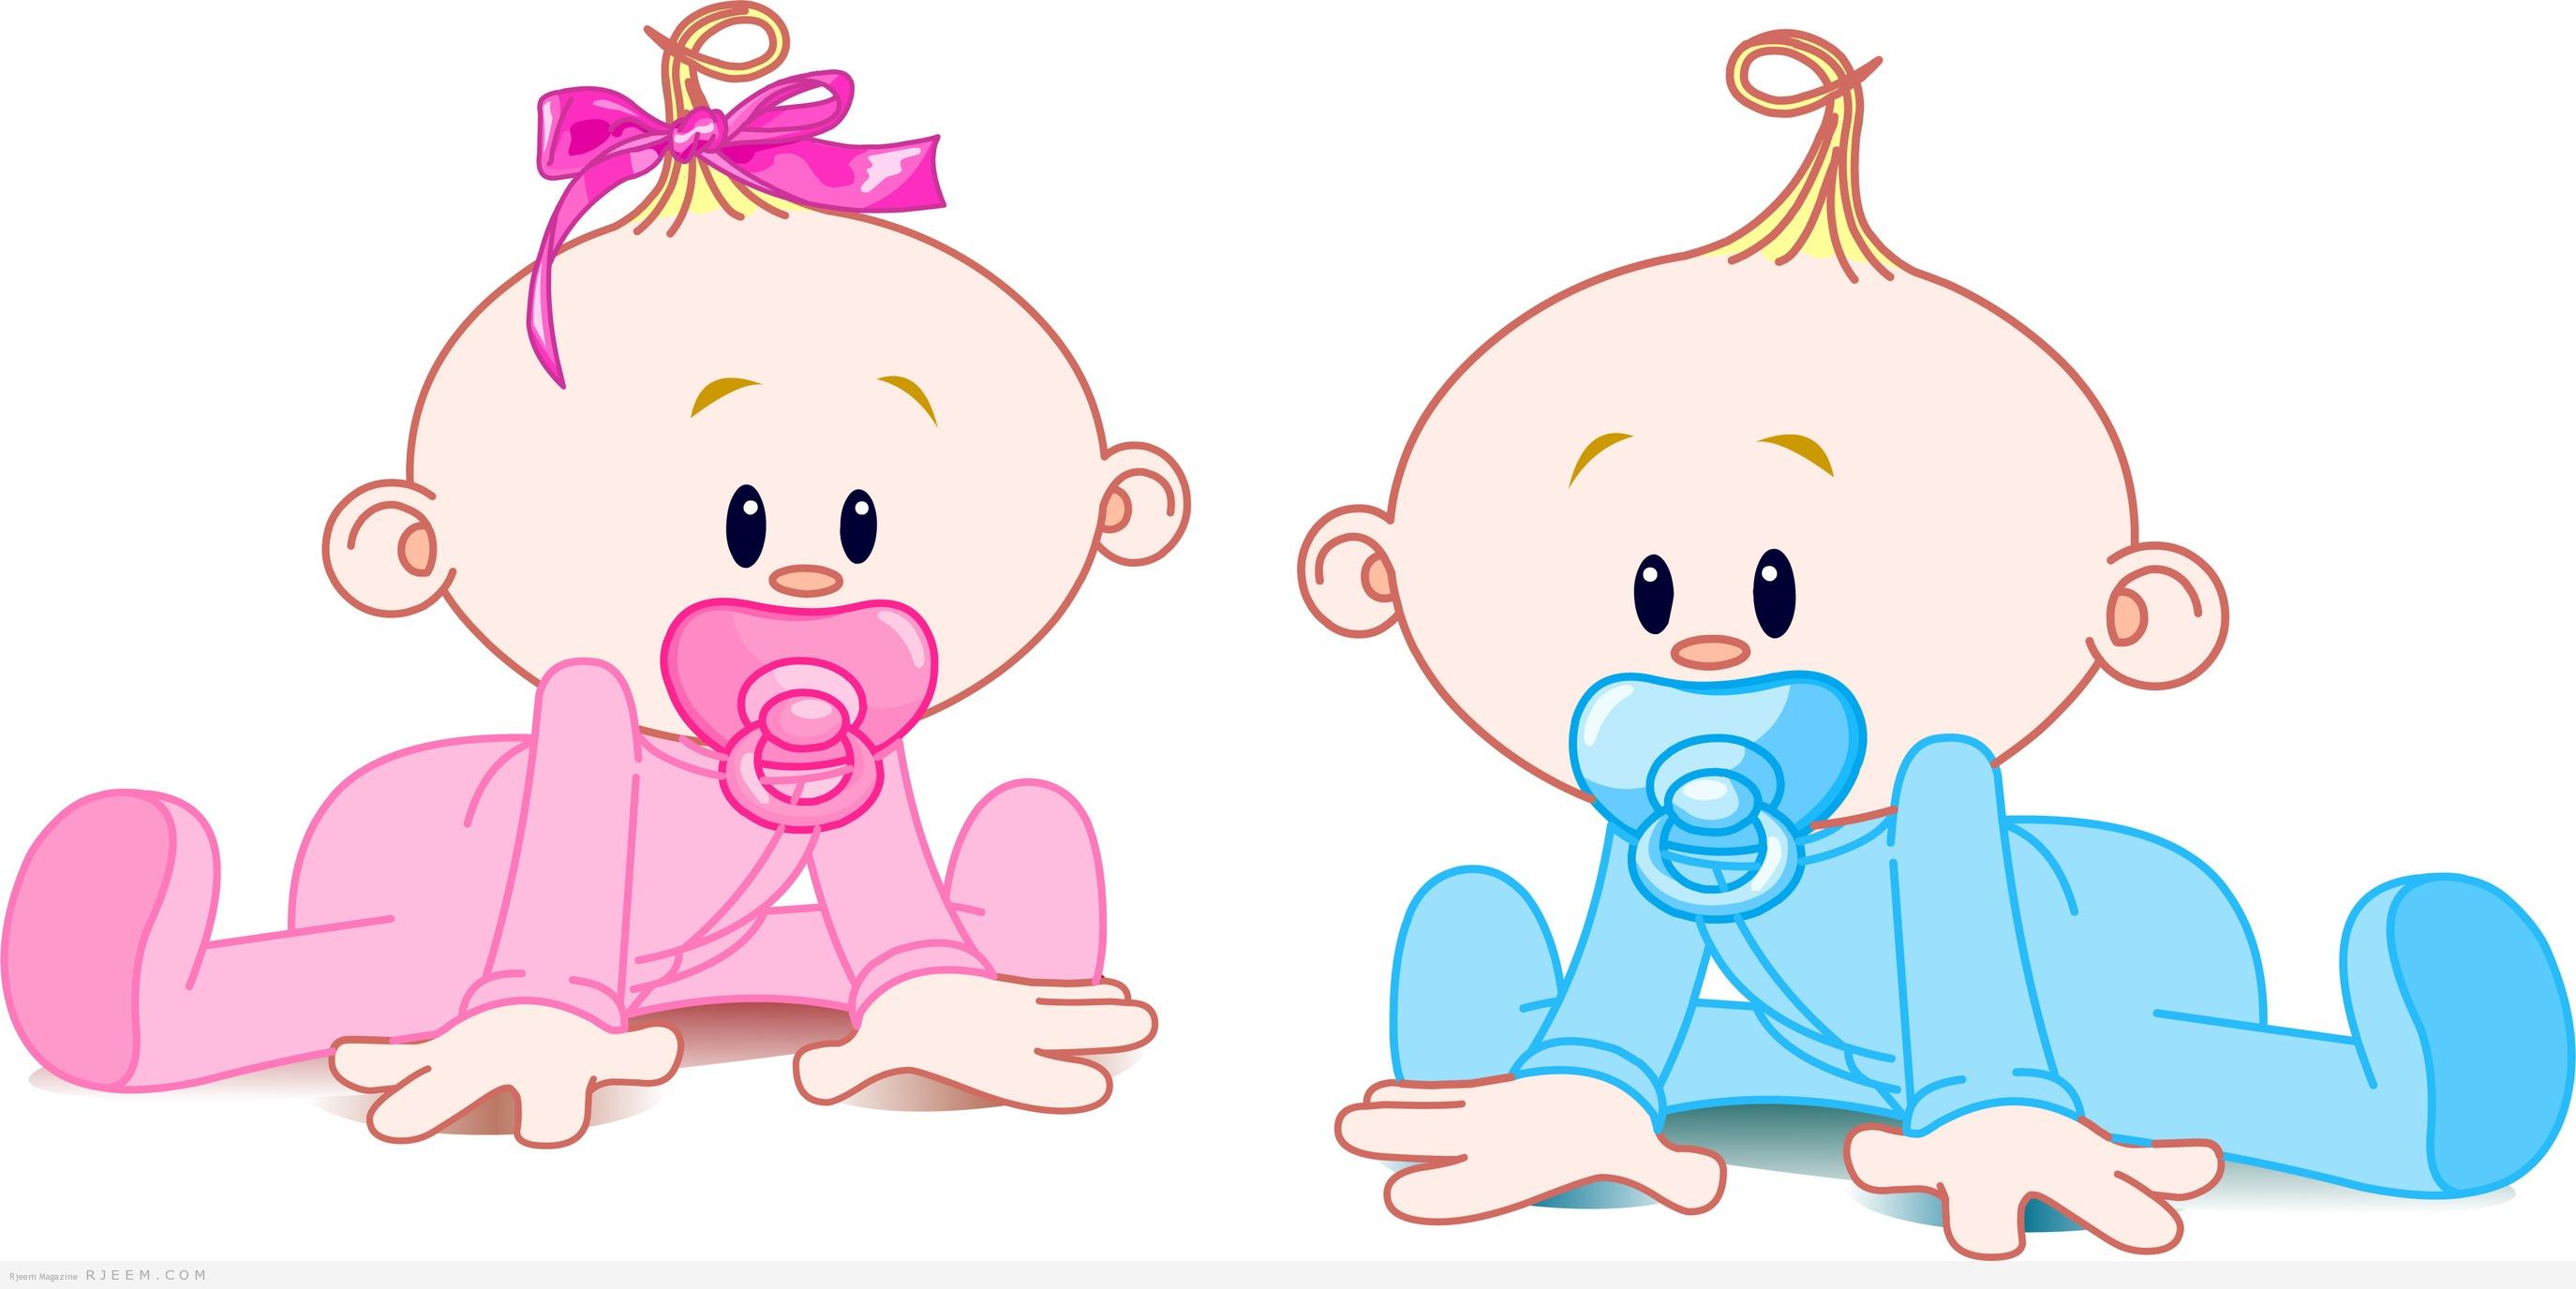 بالصور كيفية معرفة نوع الجنين , طرق مؤكده لمعرفه نوع الجنين 4311 2